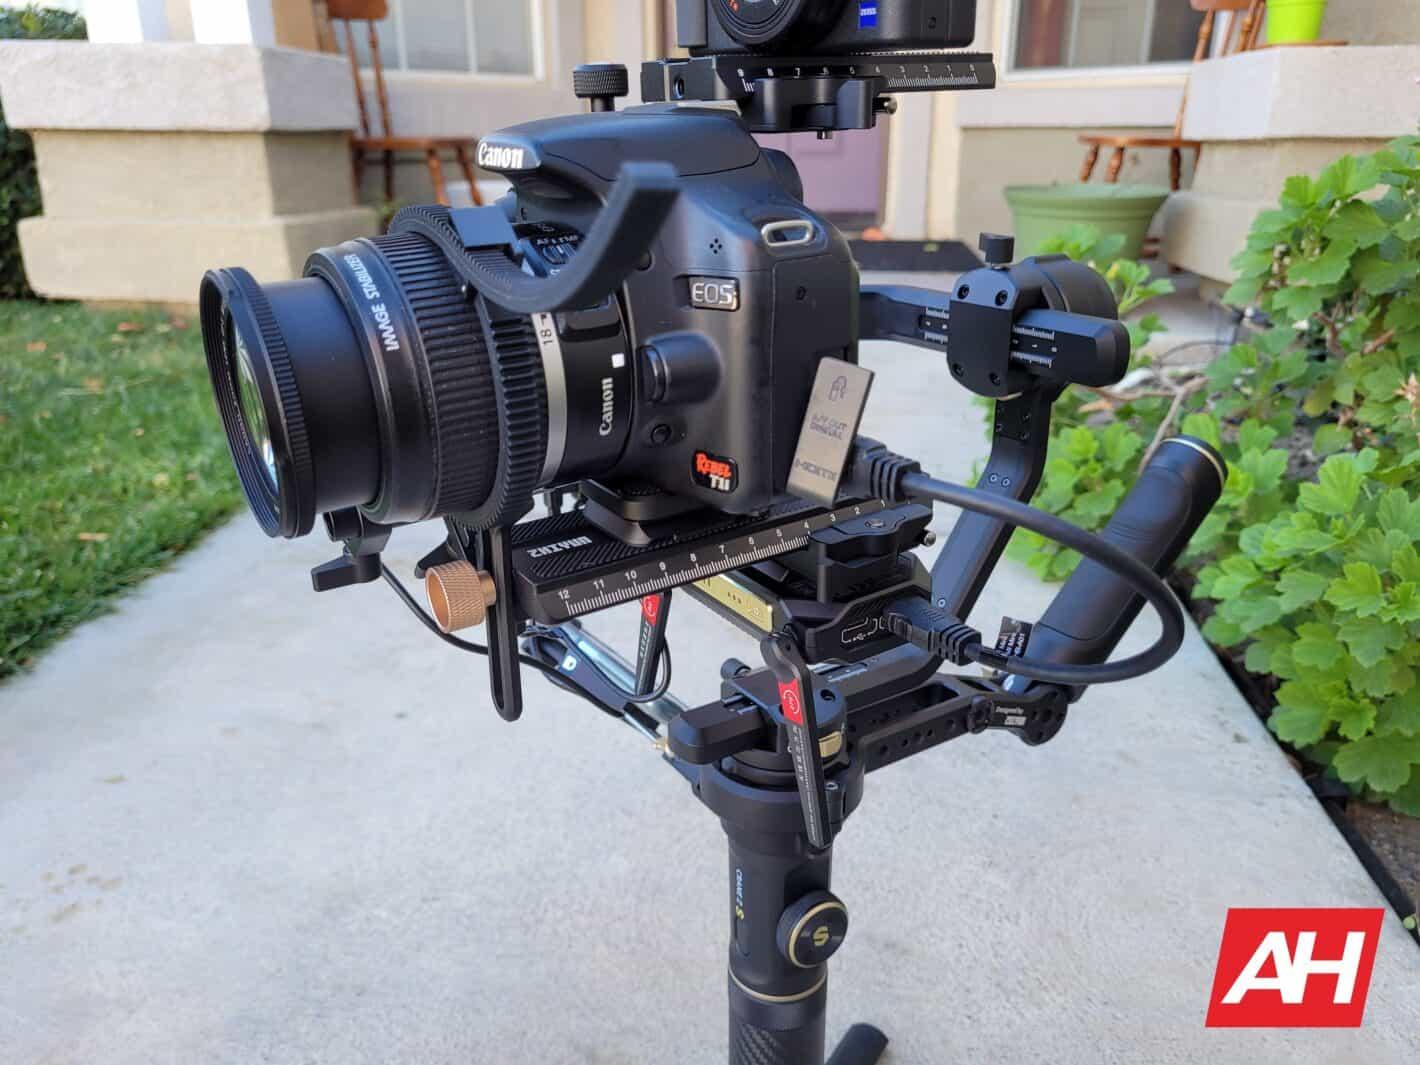 Zhiyun Crane 2S AH HR Lens Support